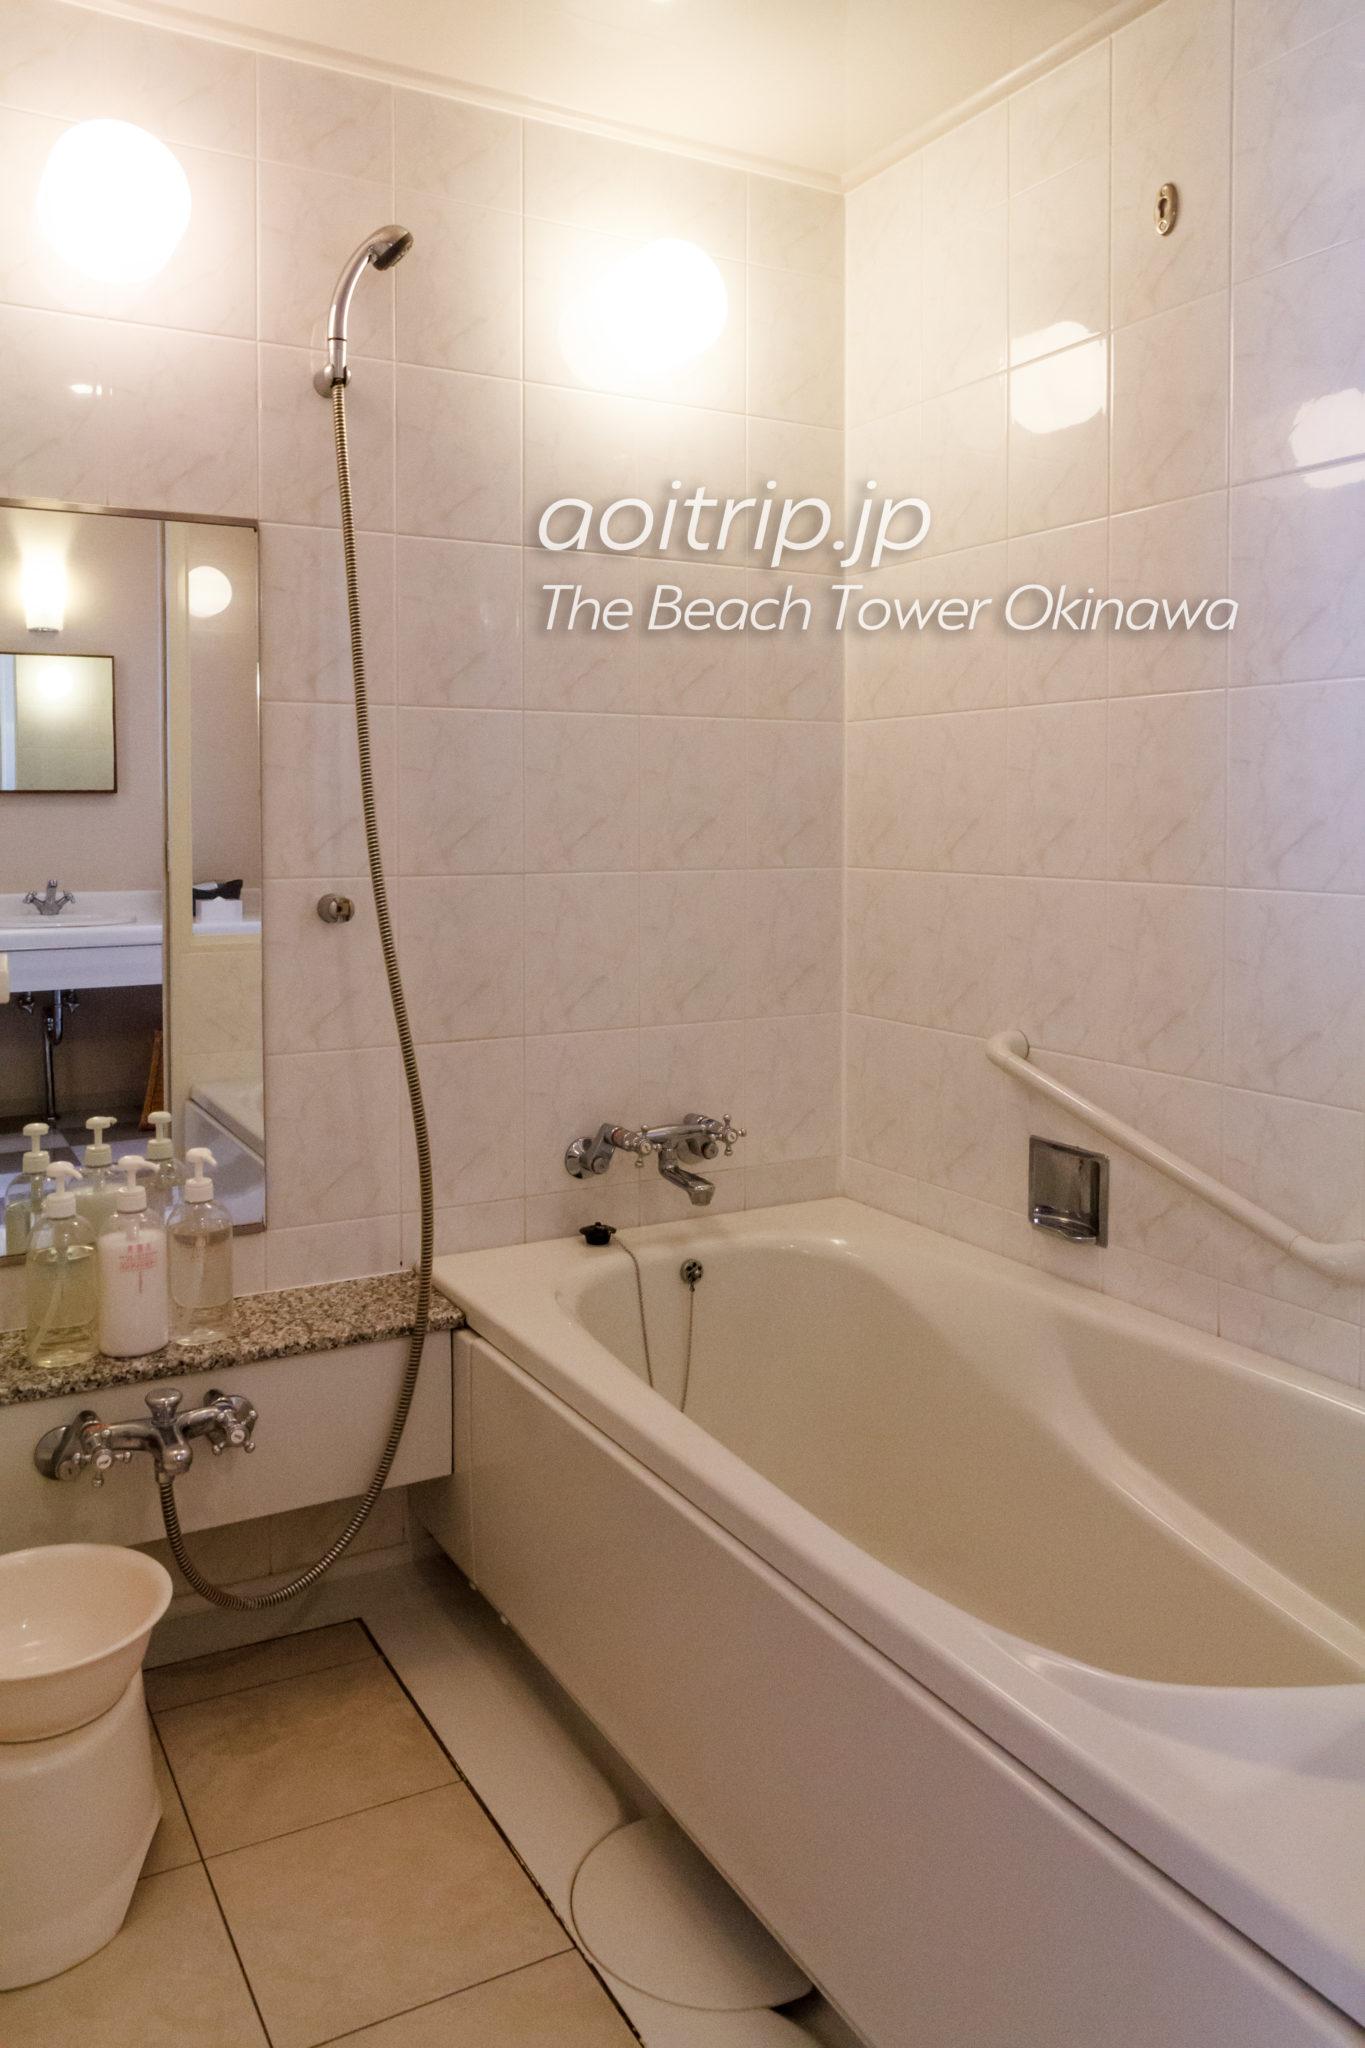 ザビーチタワー沖縄 バスルーム